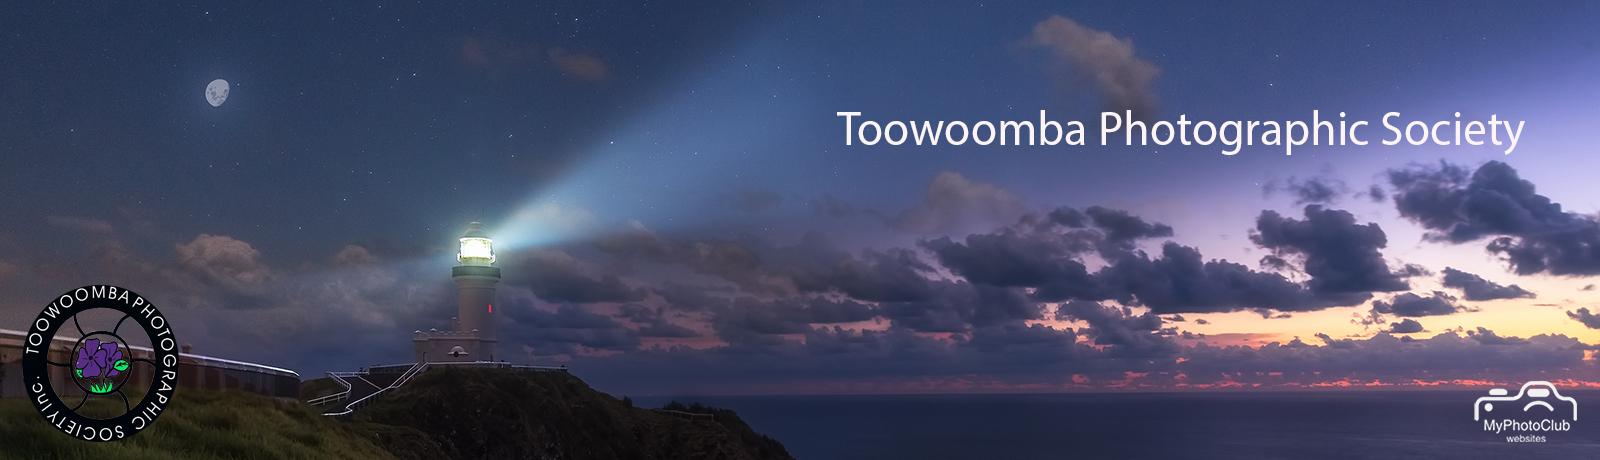 Toowoomba Photographic Society